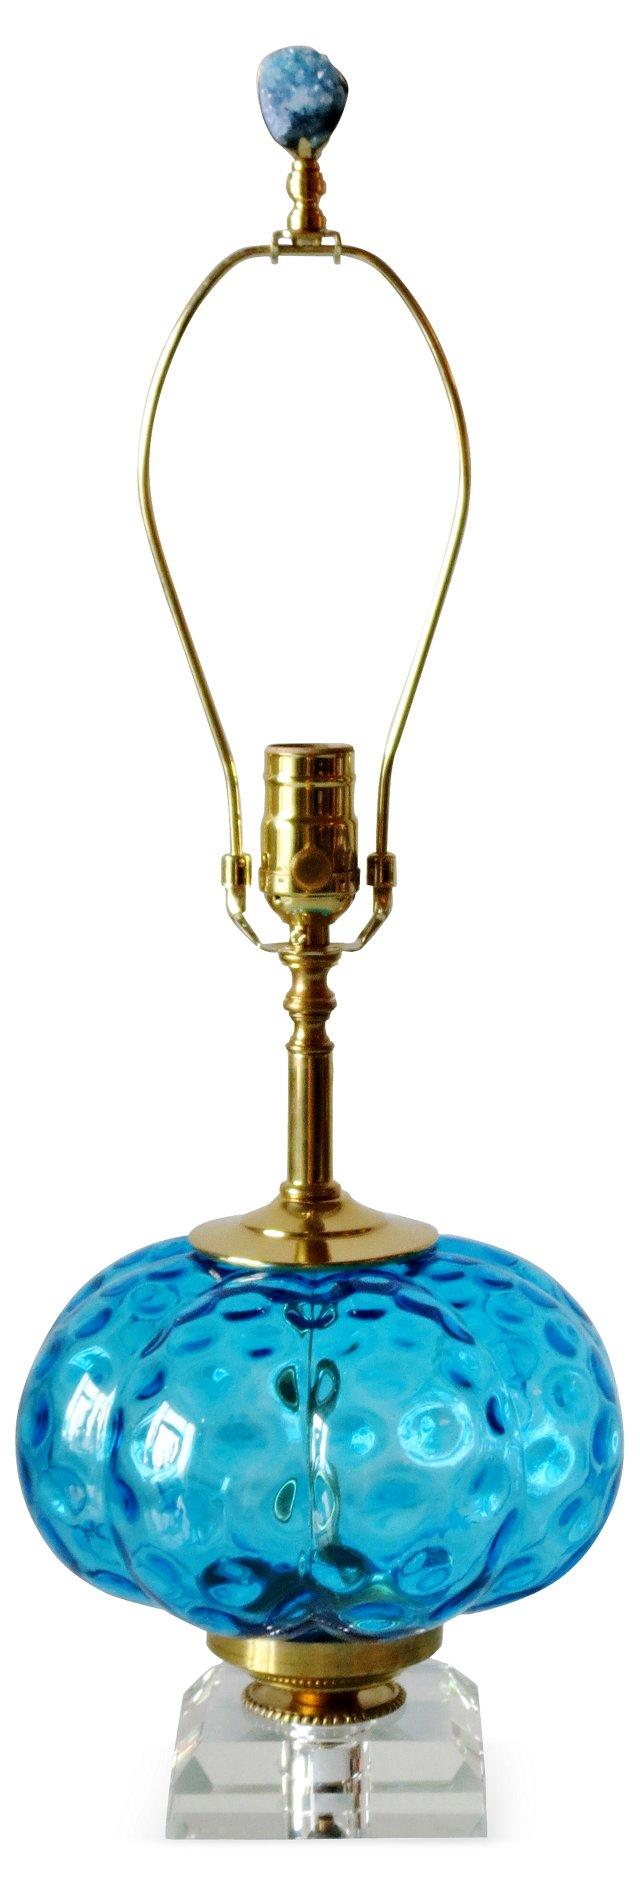 Azure Blue Italian Lamp